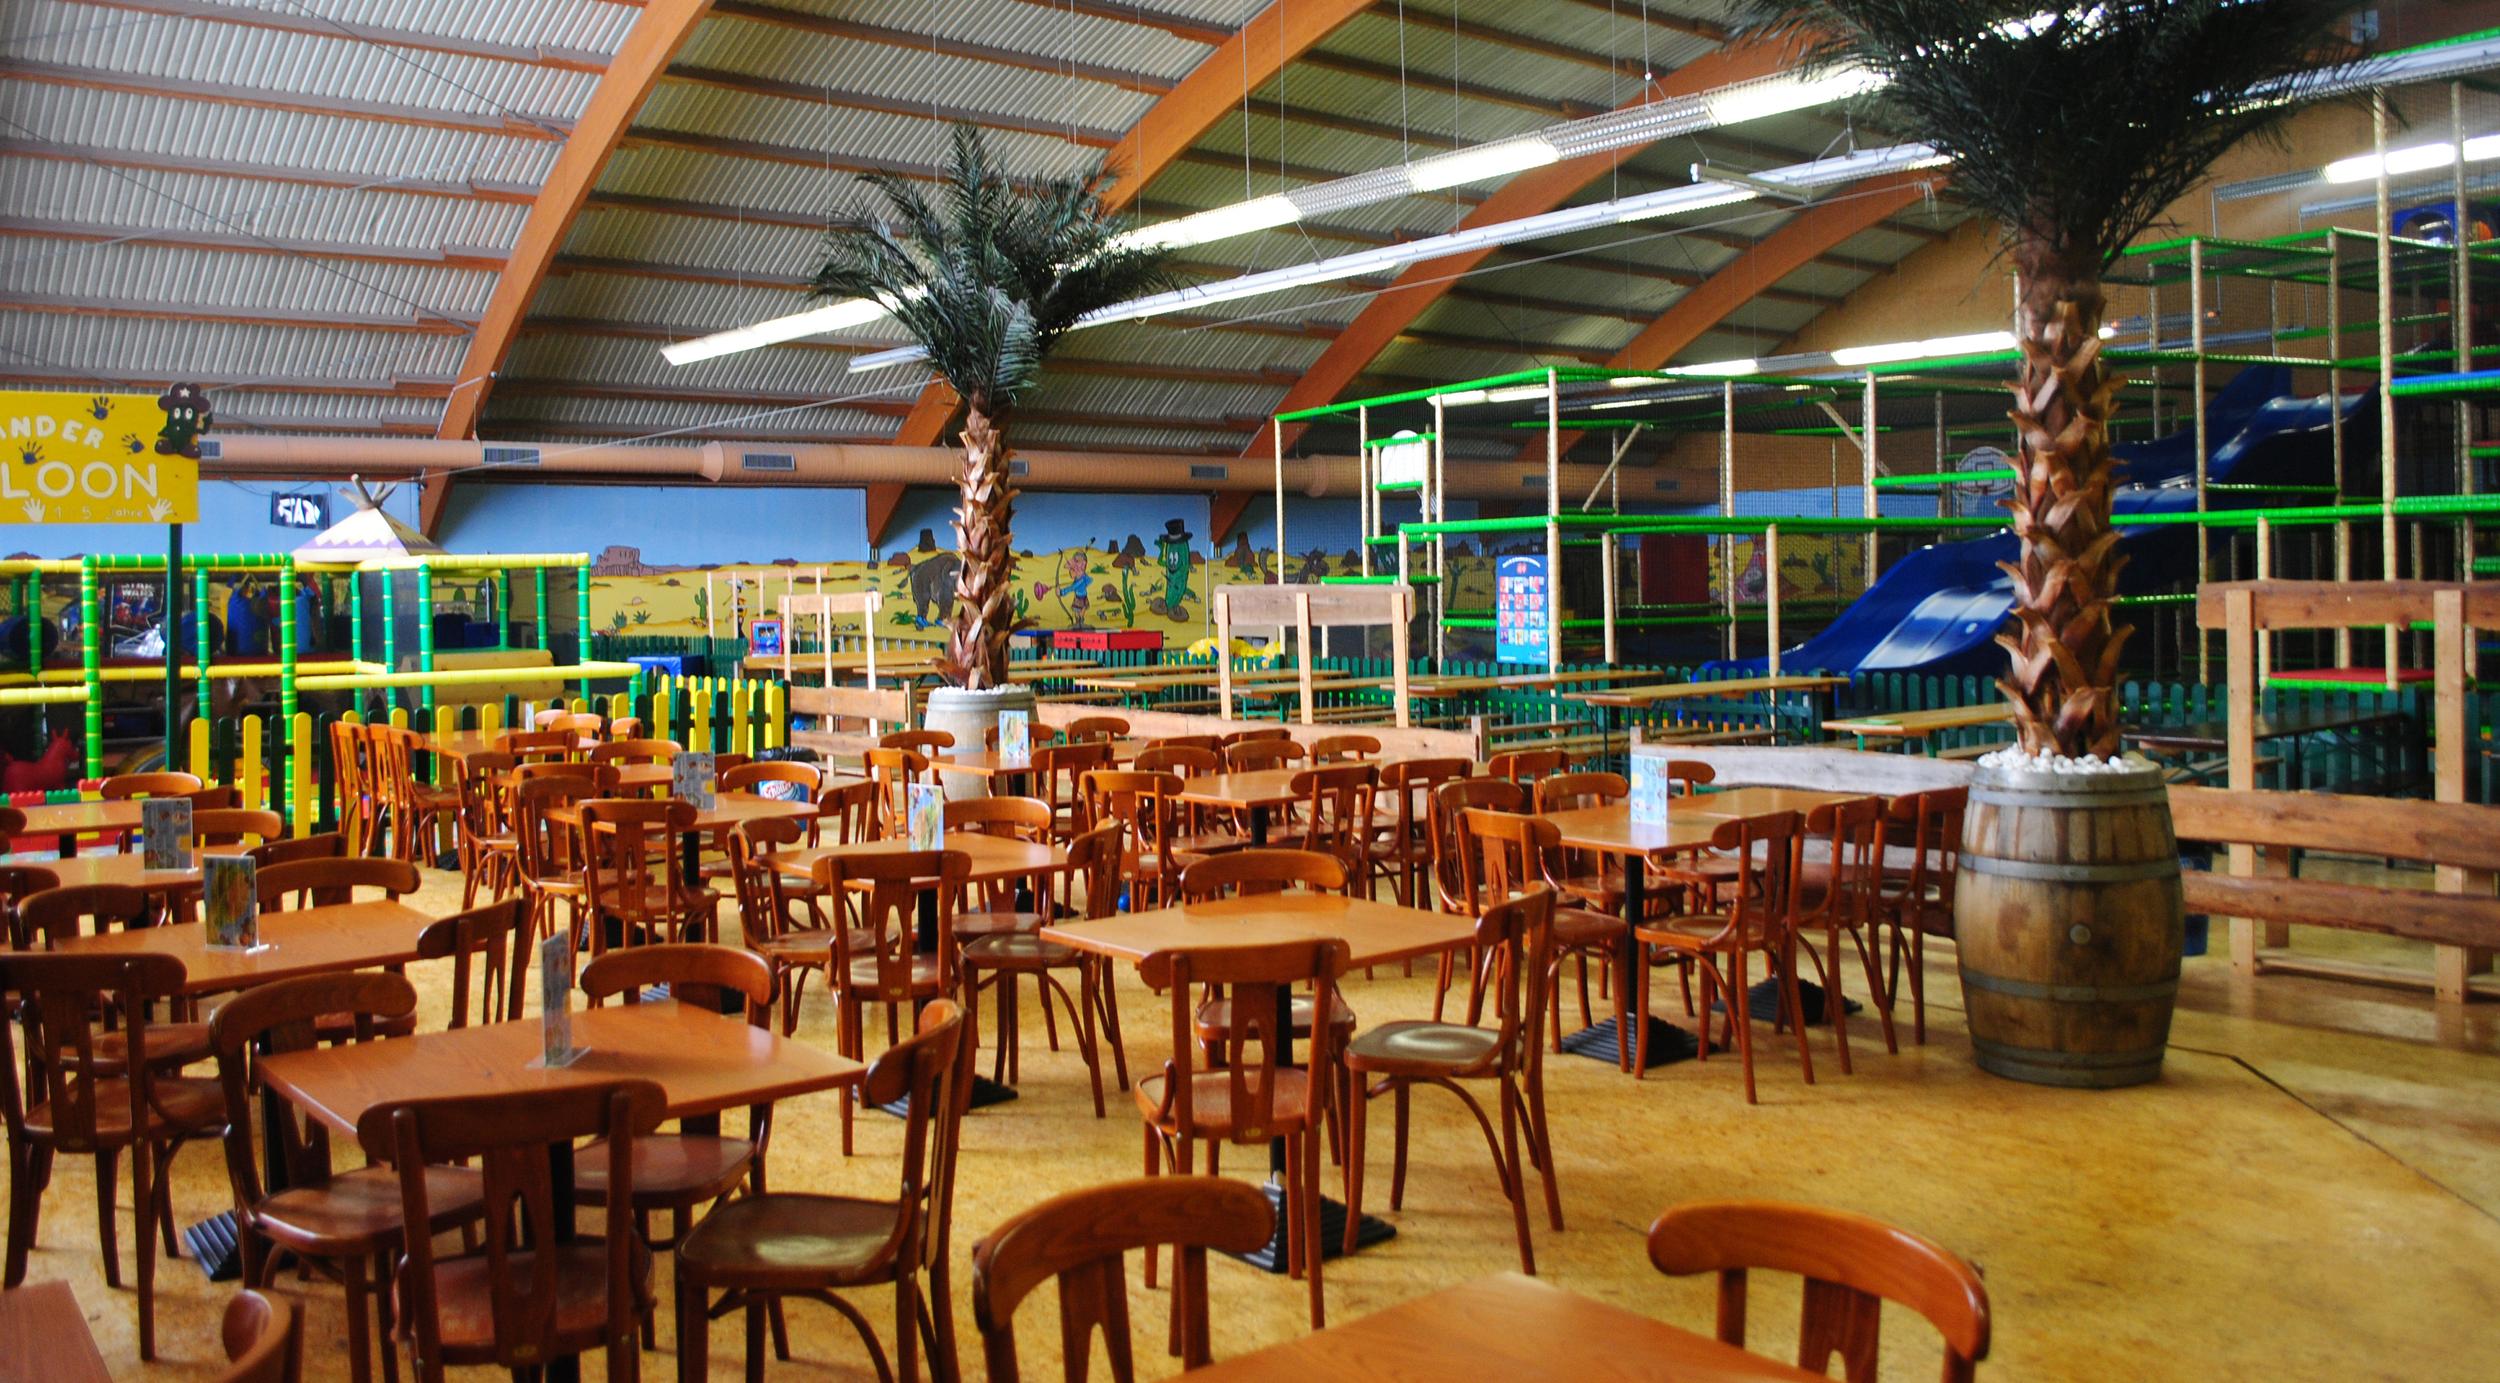 Indoorspielplatz Kids Country Essen & Lünen